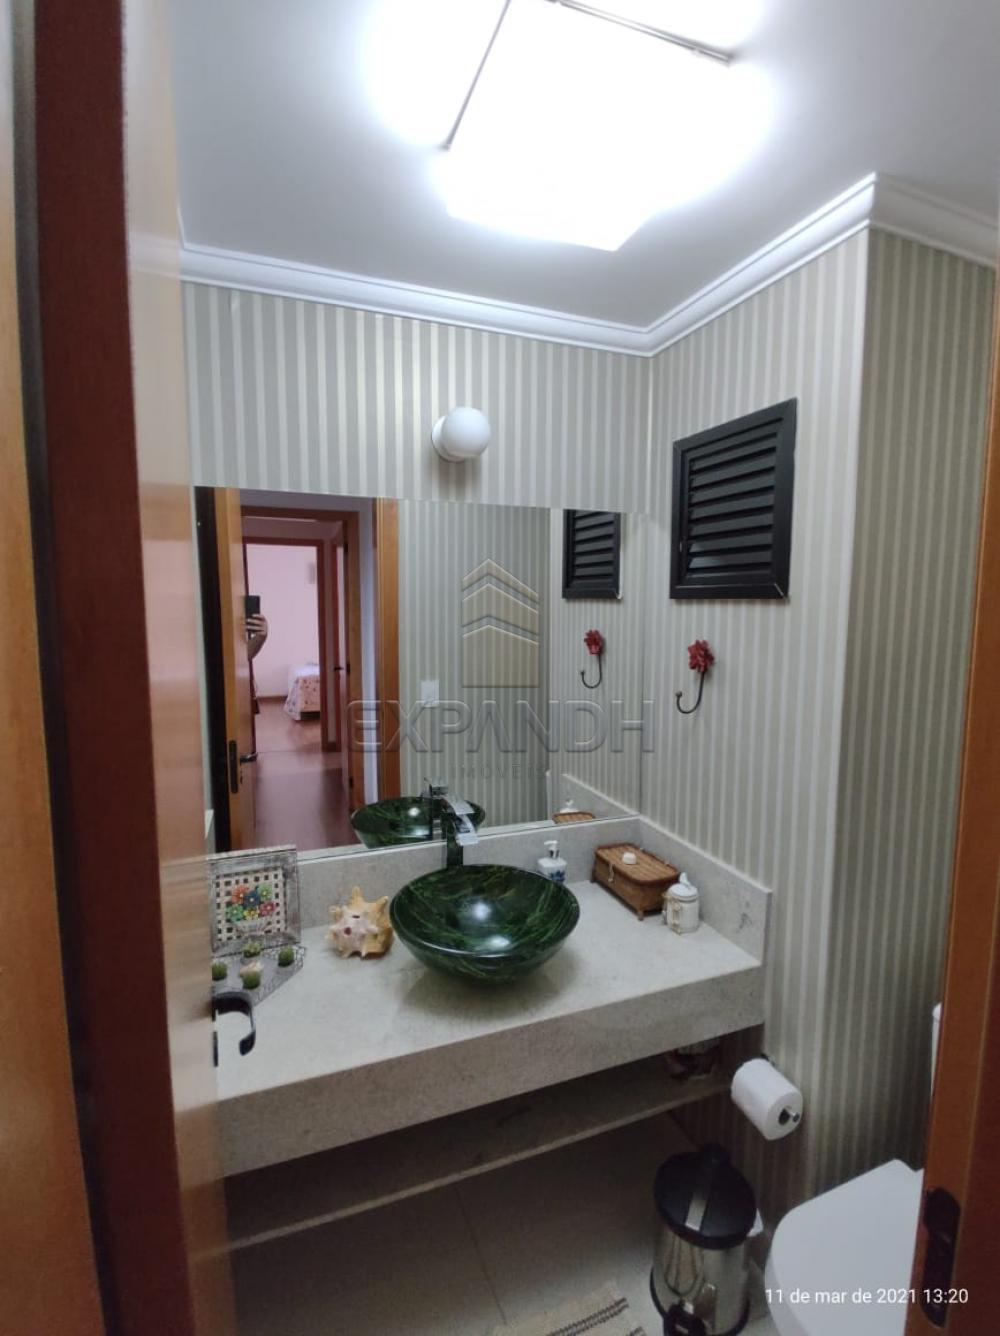 Comprar Apartamentos / Padrão em Sertãozinho R$ 590.000,00 - Foto 23